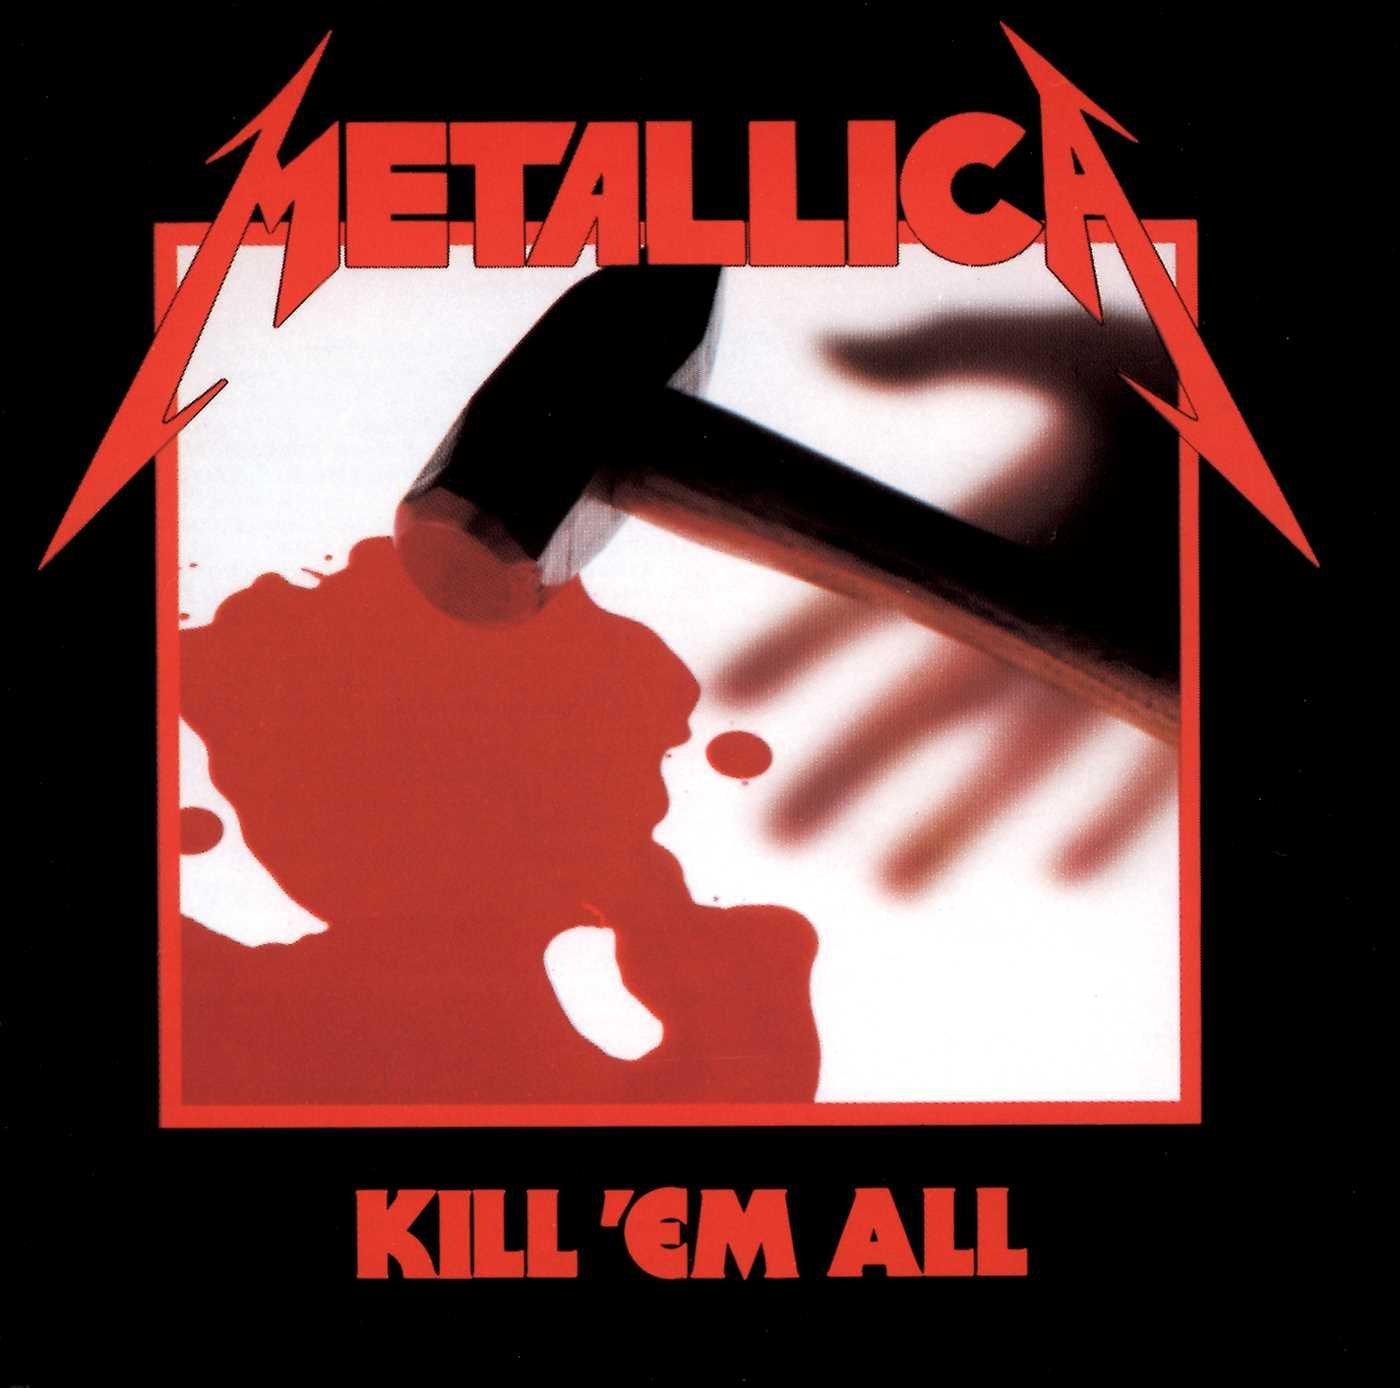 Les N'importe-Quoi d'Ahasverus : METALLICA, Kill' Em All (1983)